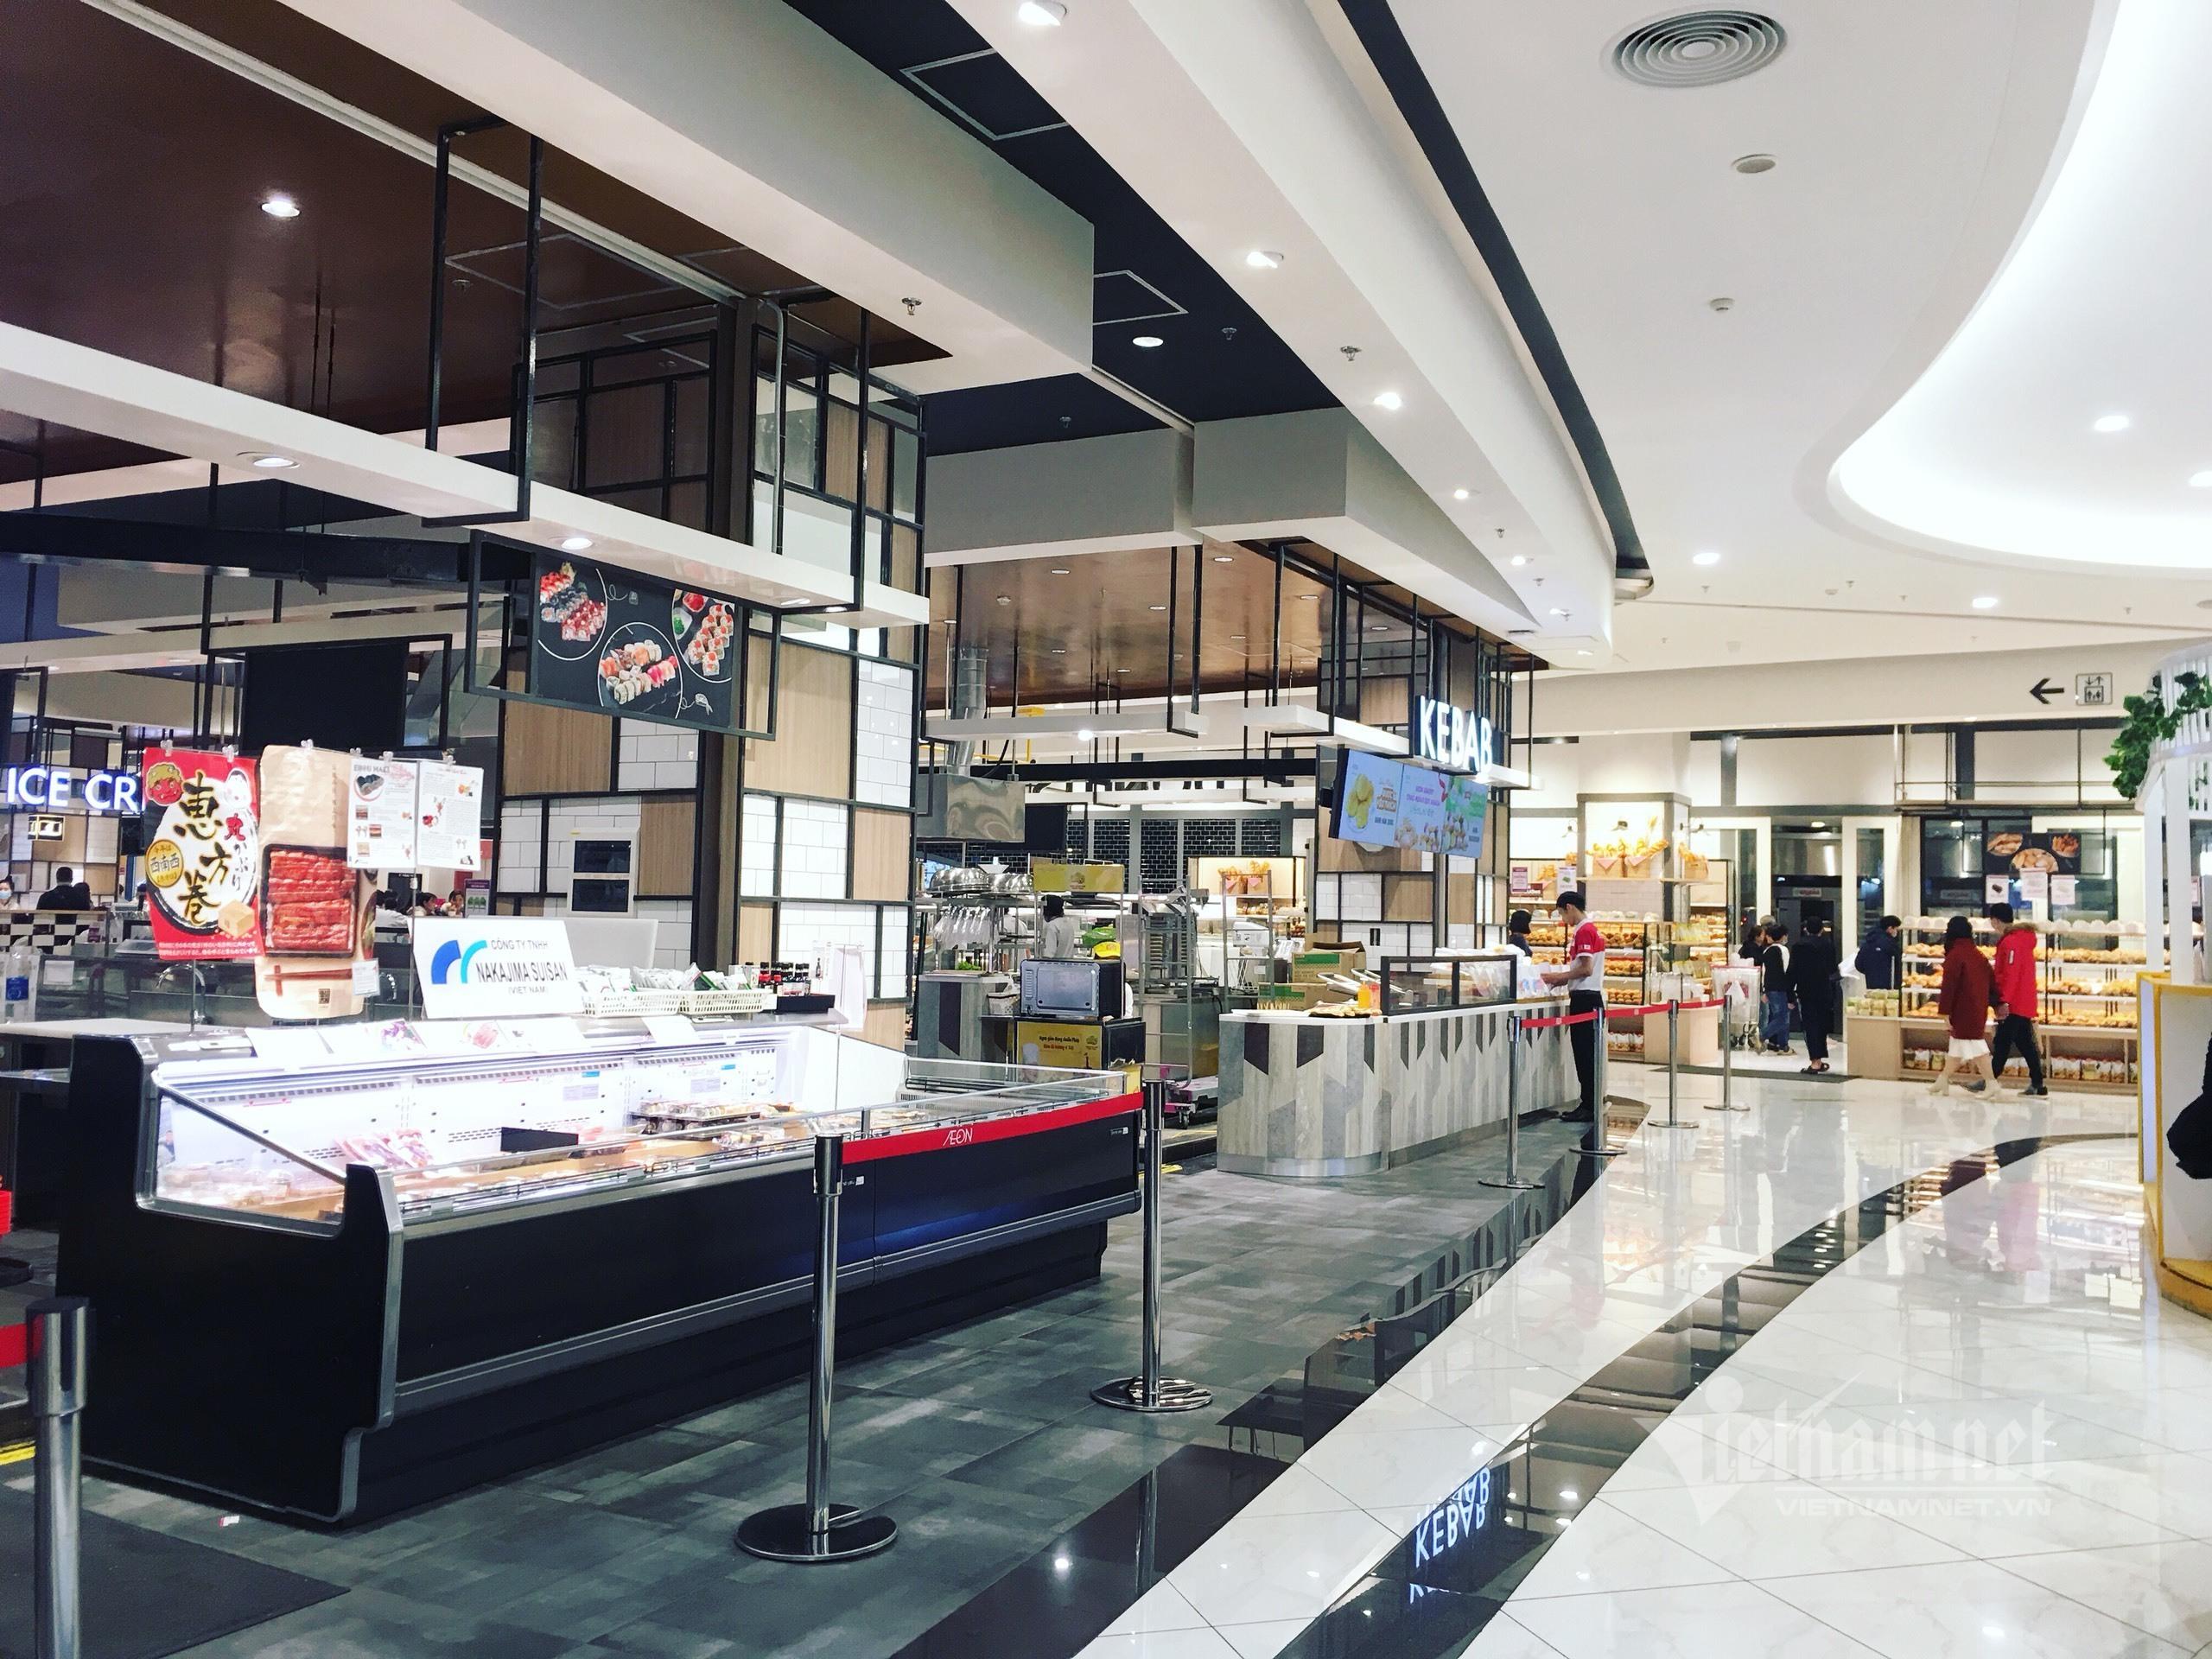 Sợ lây lan, trung tâm thương mại đìu hiu, cà phê trà chanh đóng cửa